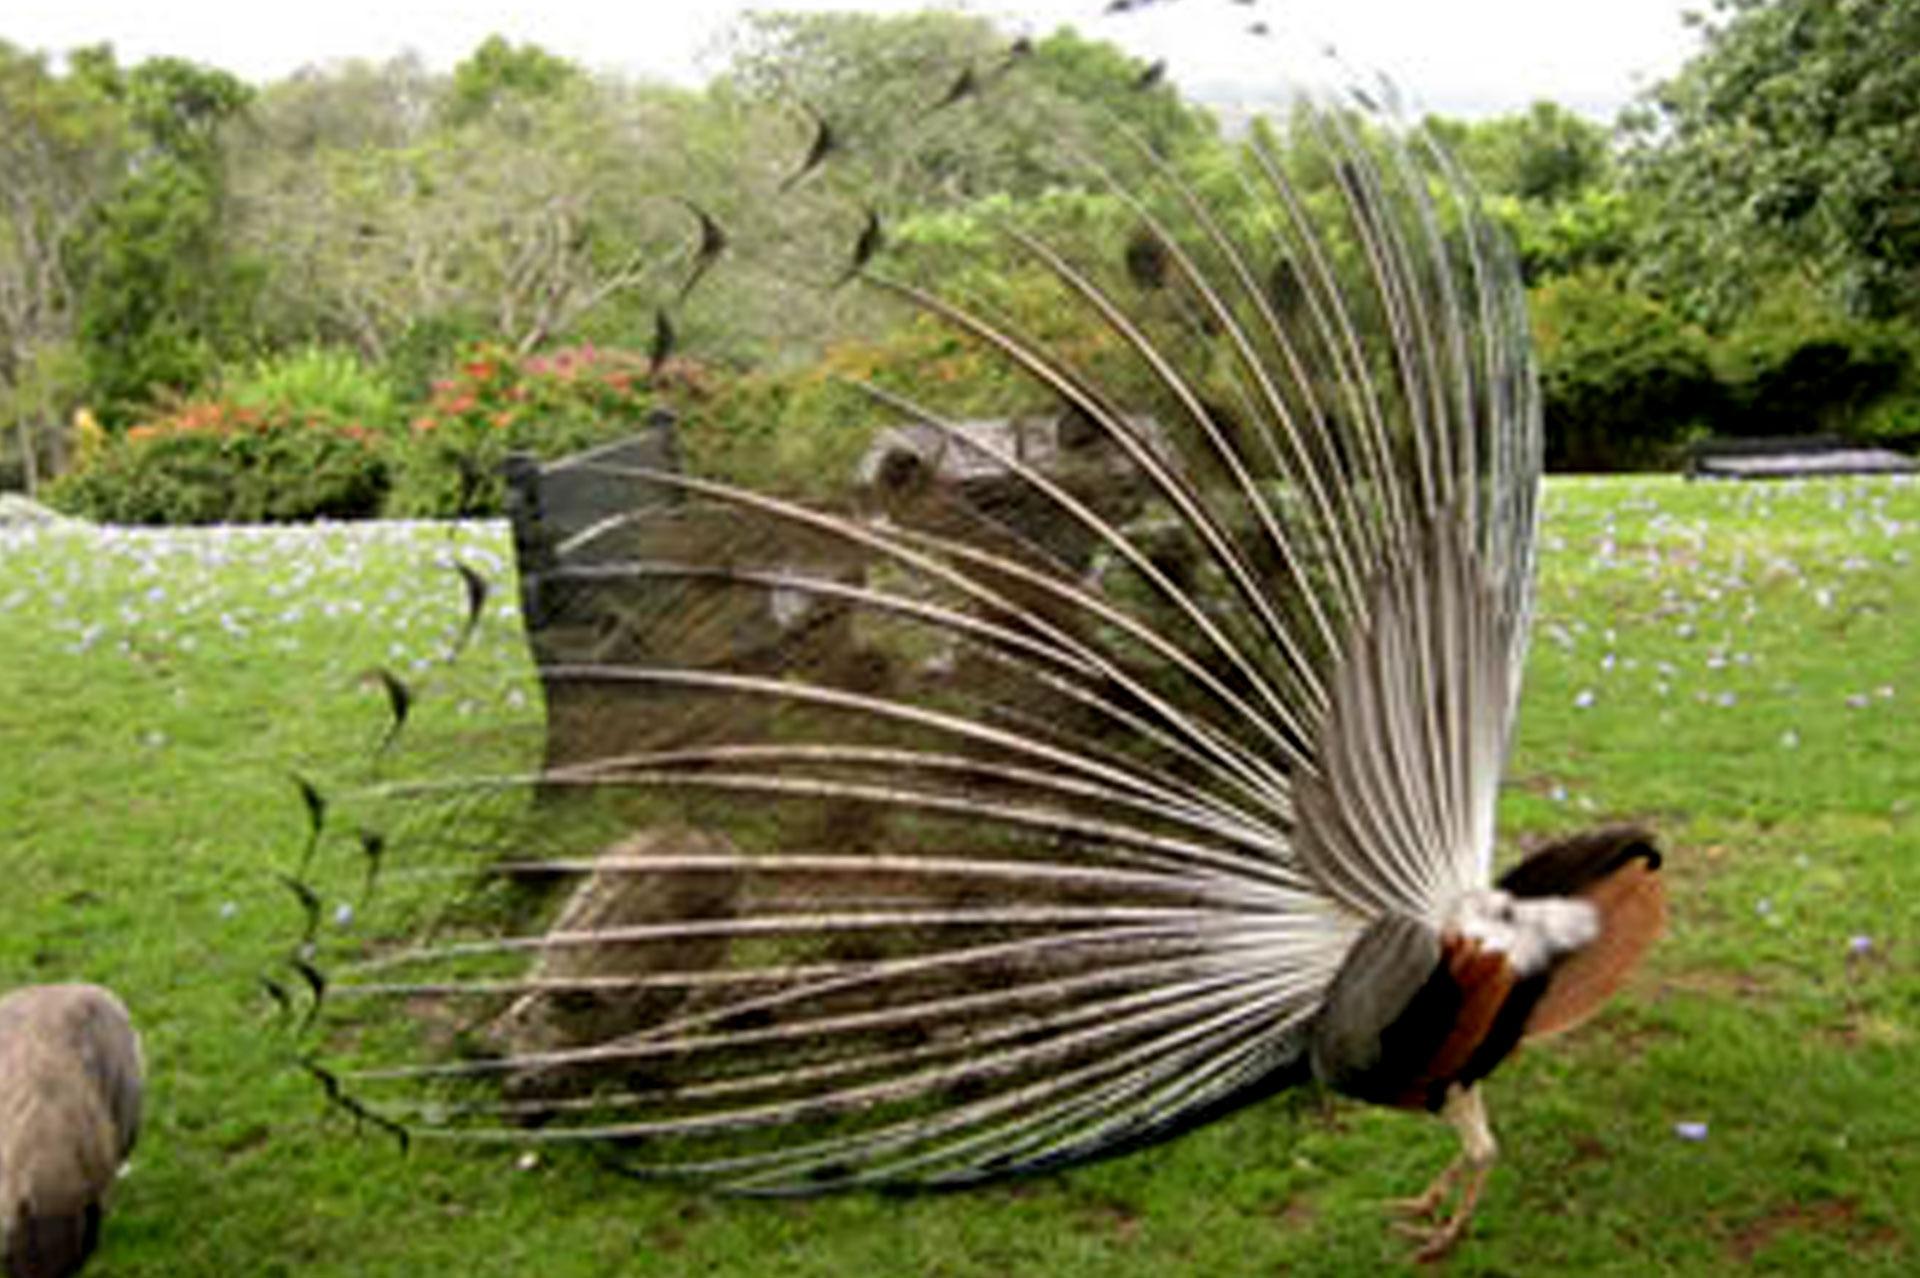 Diani_travel_center_National_Parks_in_Kenya_Aberdare_National_park_image_4